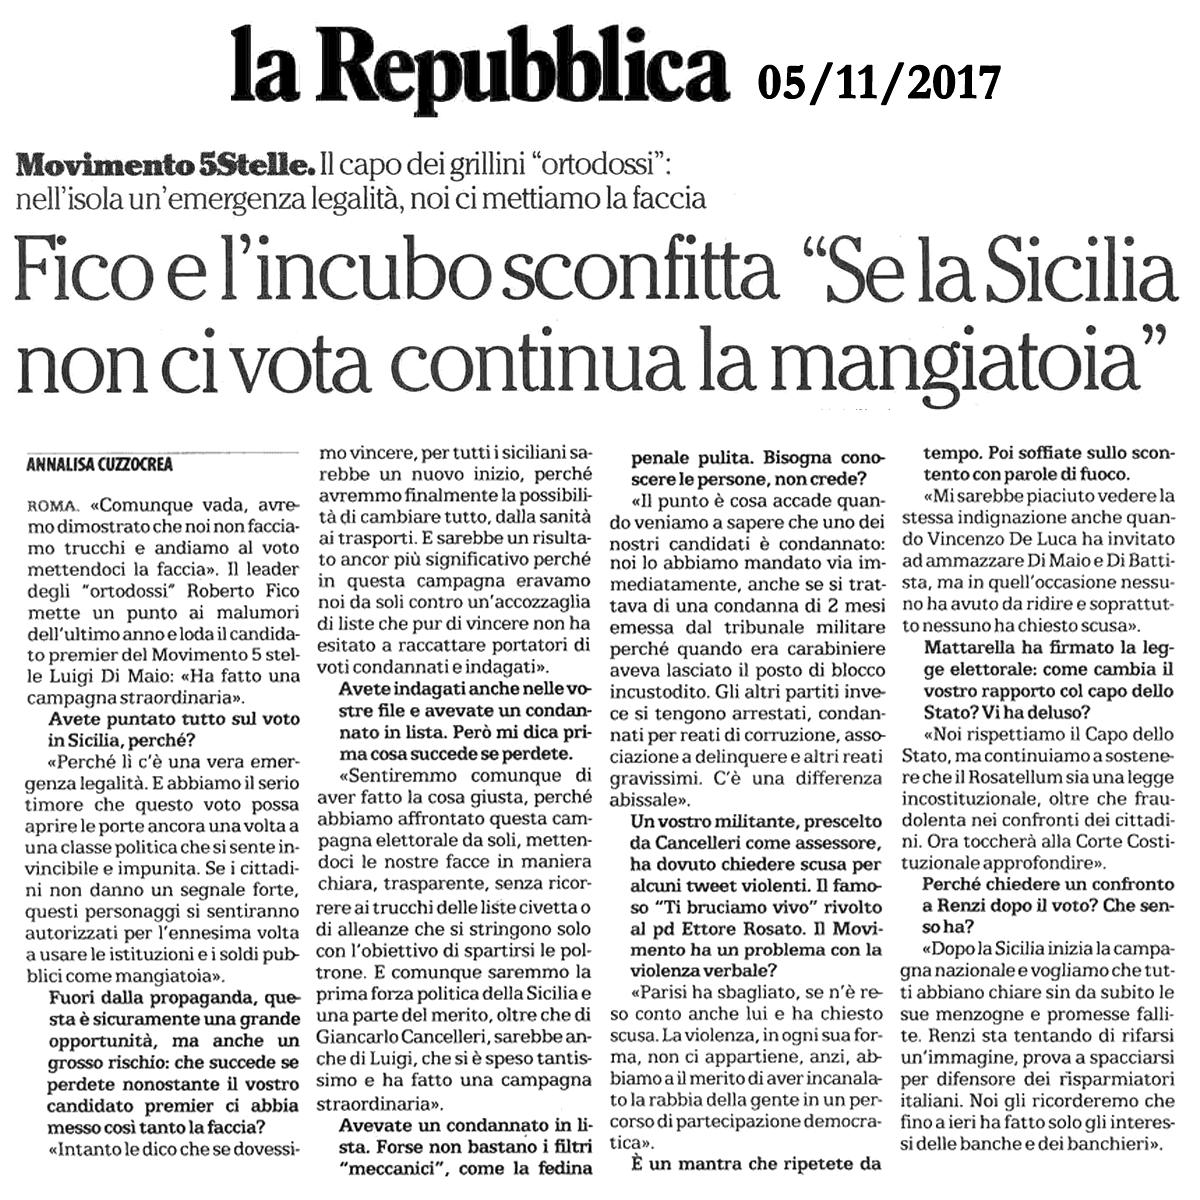 repubblica_05-11-2017